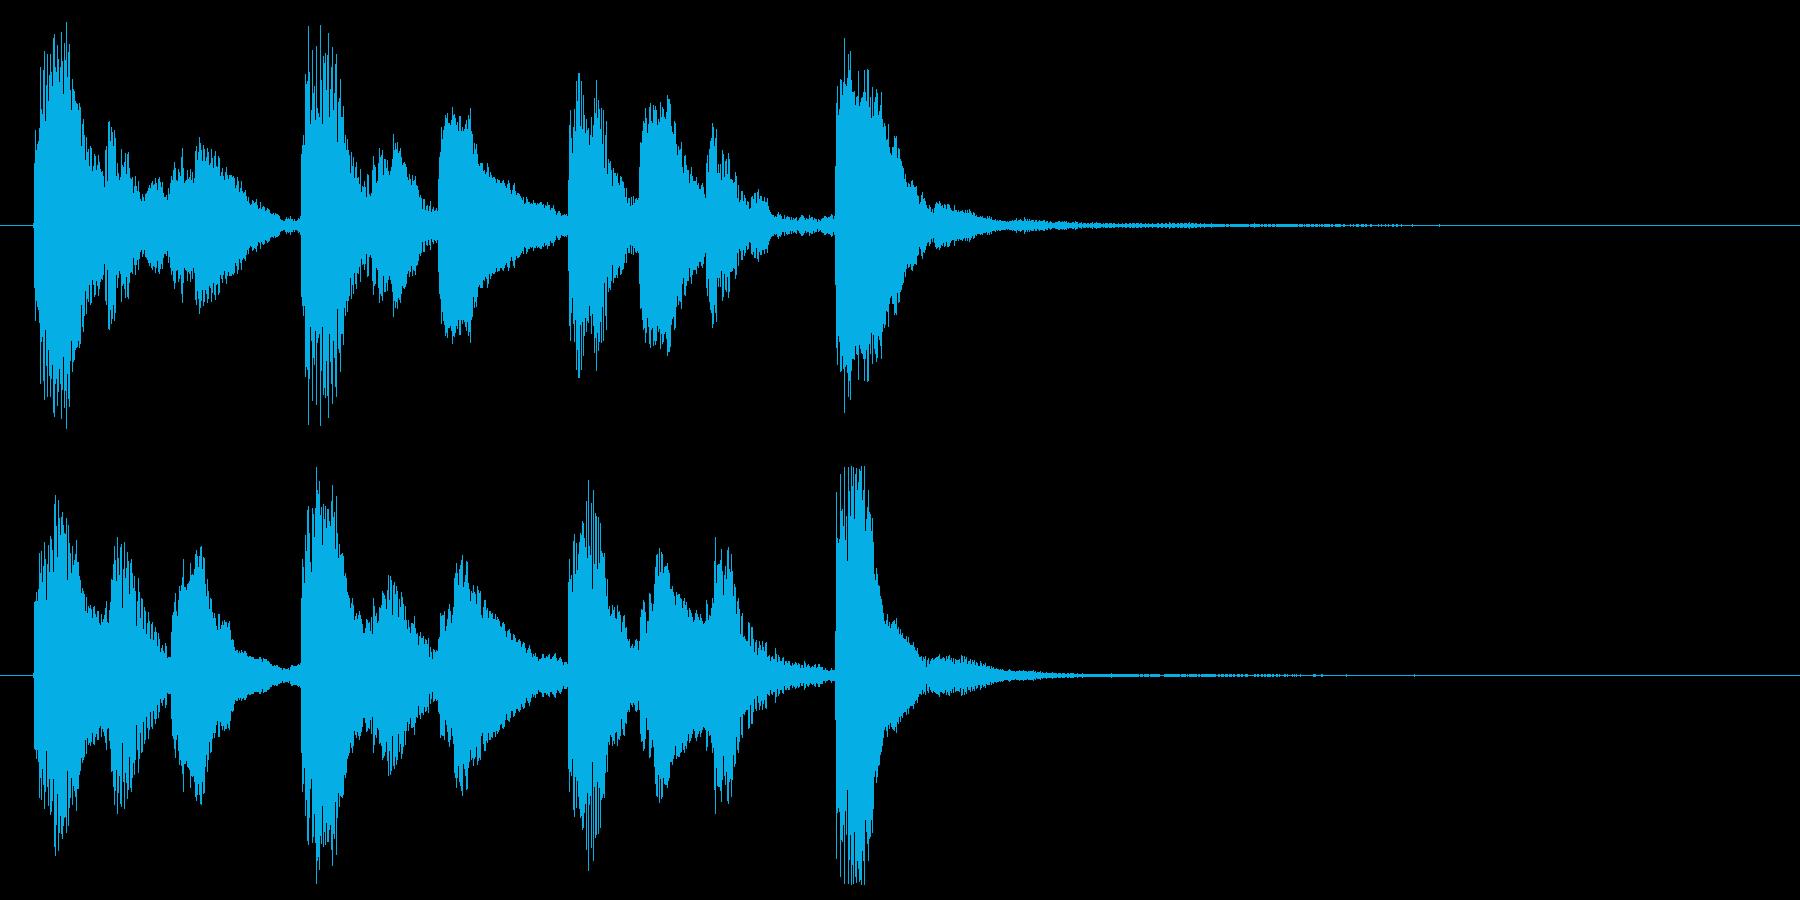 かわいい鉄琴のジングルの再生済みの波形